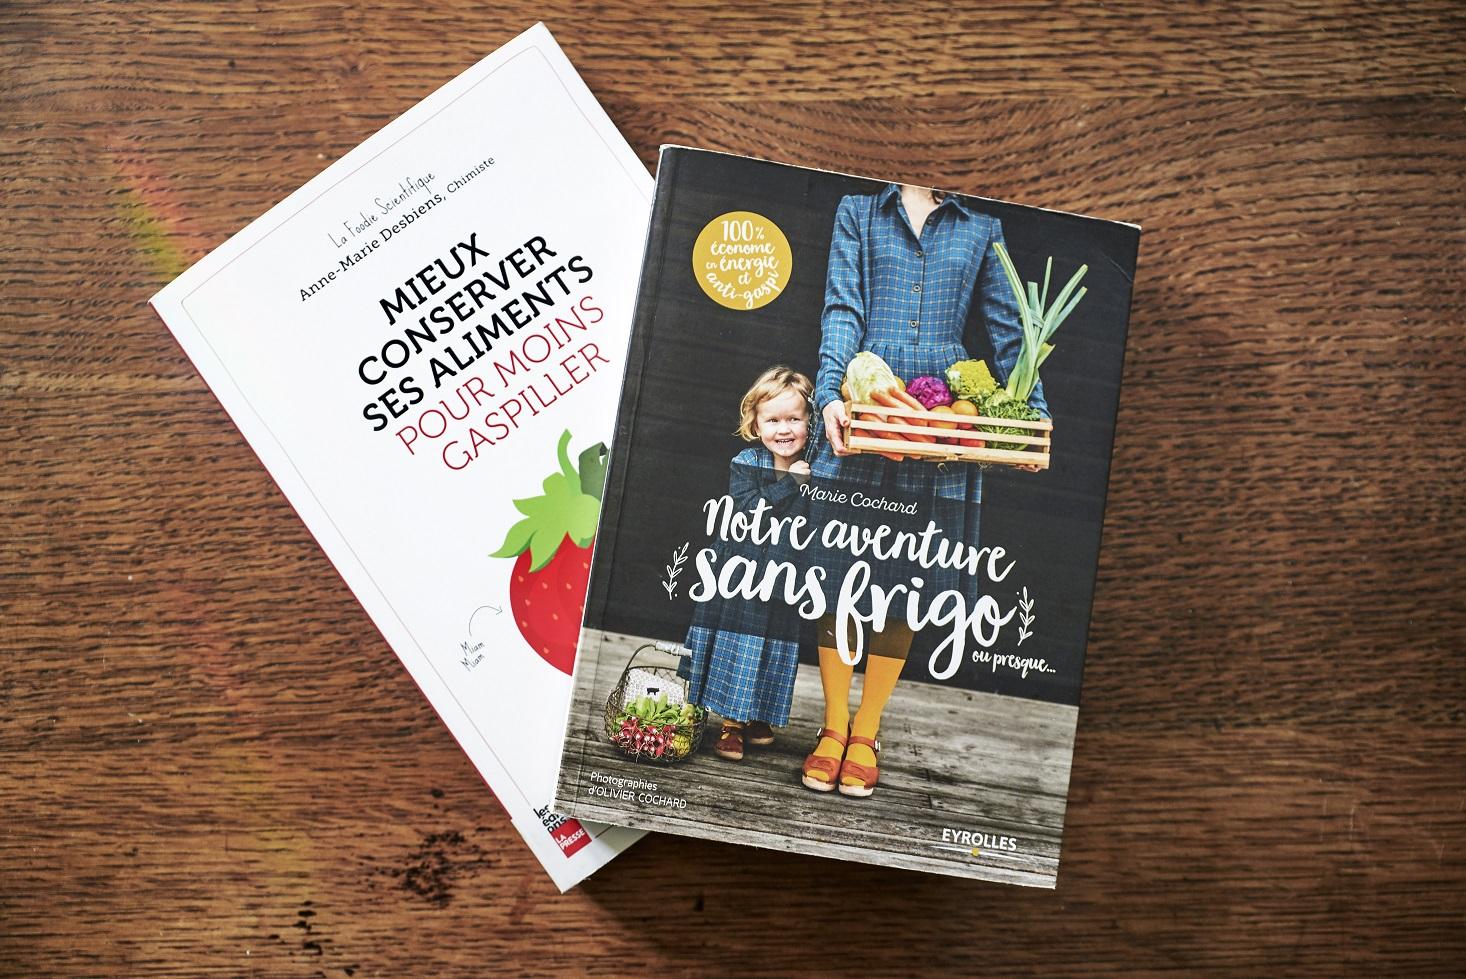 Notre aventure sans frigo de Marie Cochard et le livre de la Foodie Scientifique